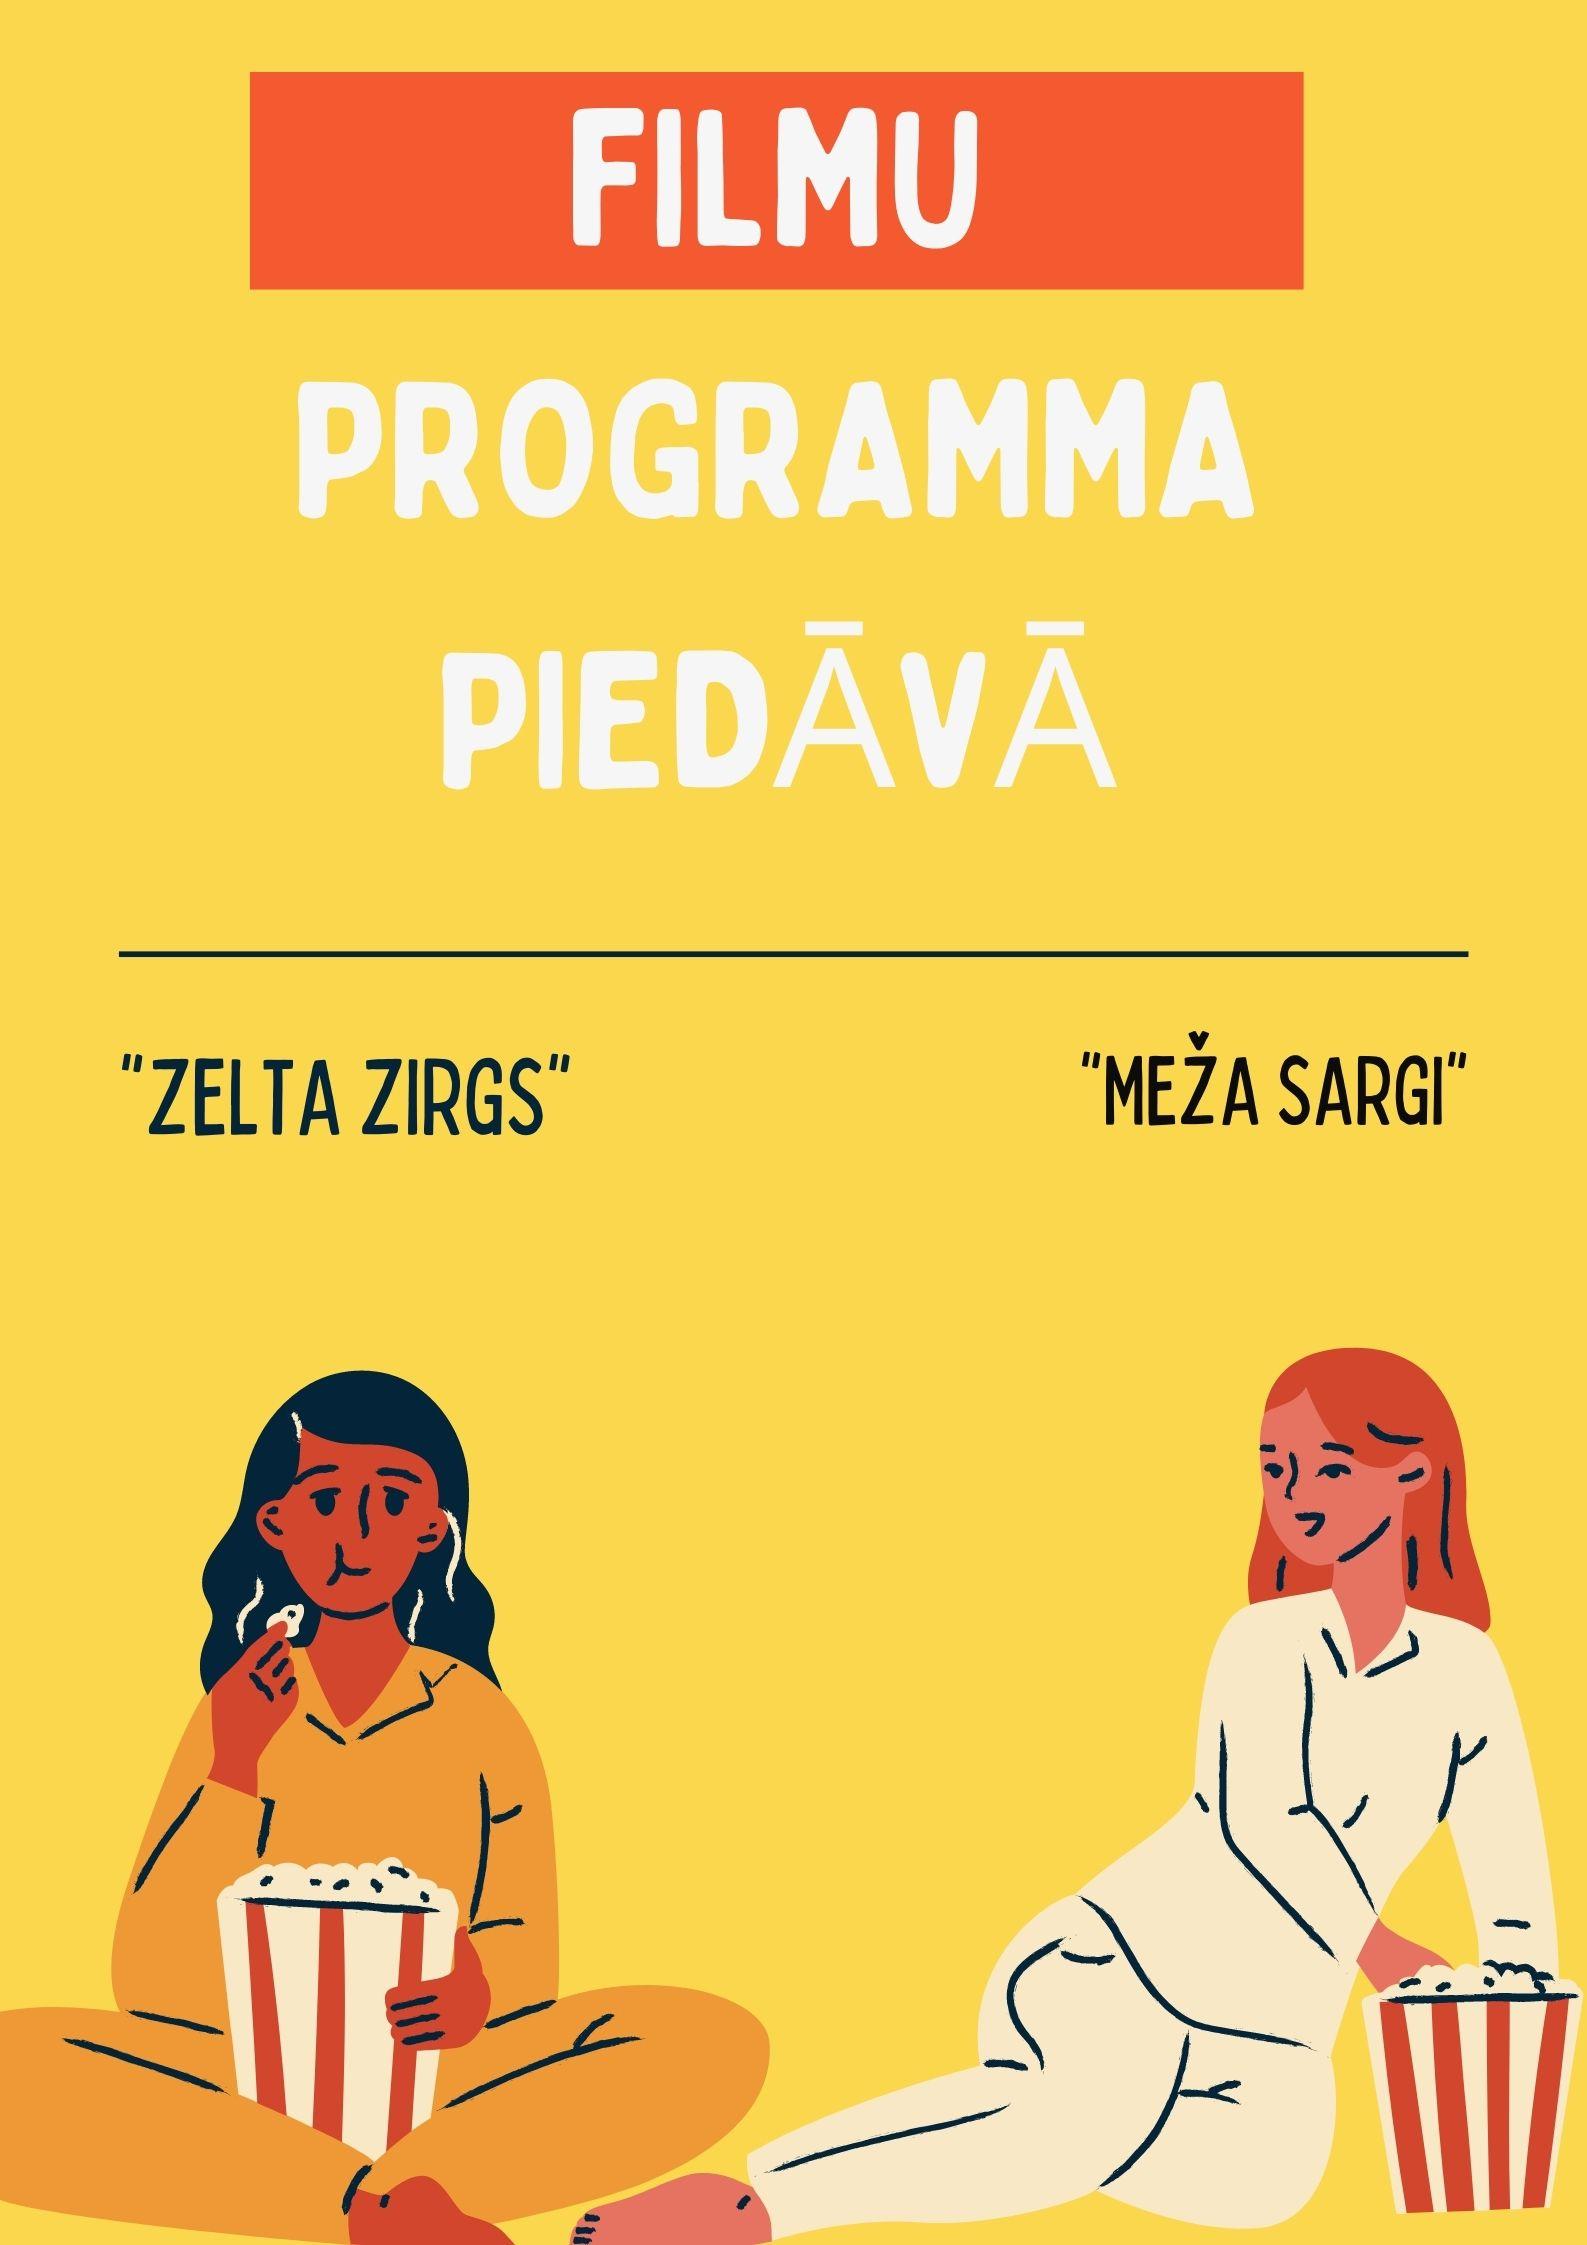 Baudām filmu programmas piedāvājumu (Alise Karuzina, Alise Maksimova, Aleksa Logina – 7.e klases skolnieces)